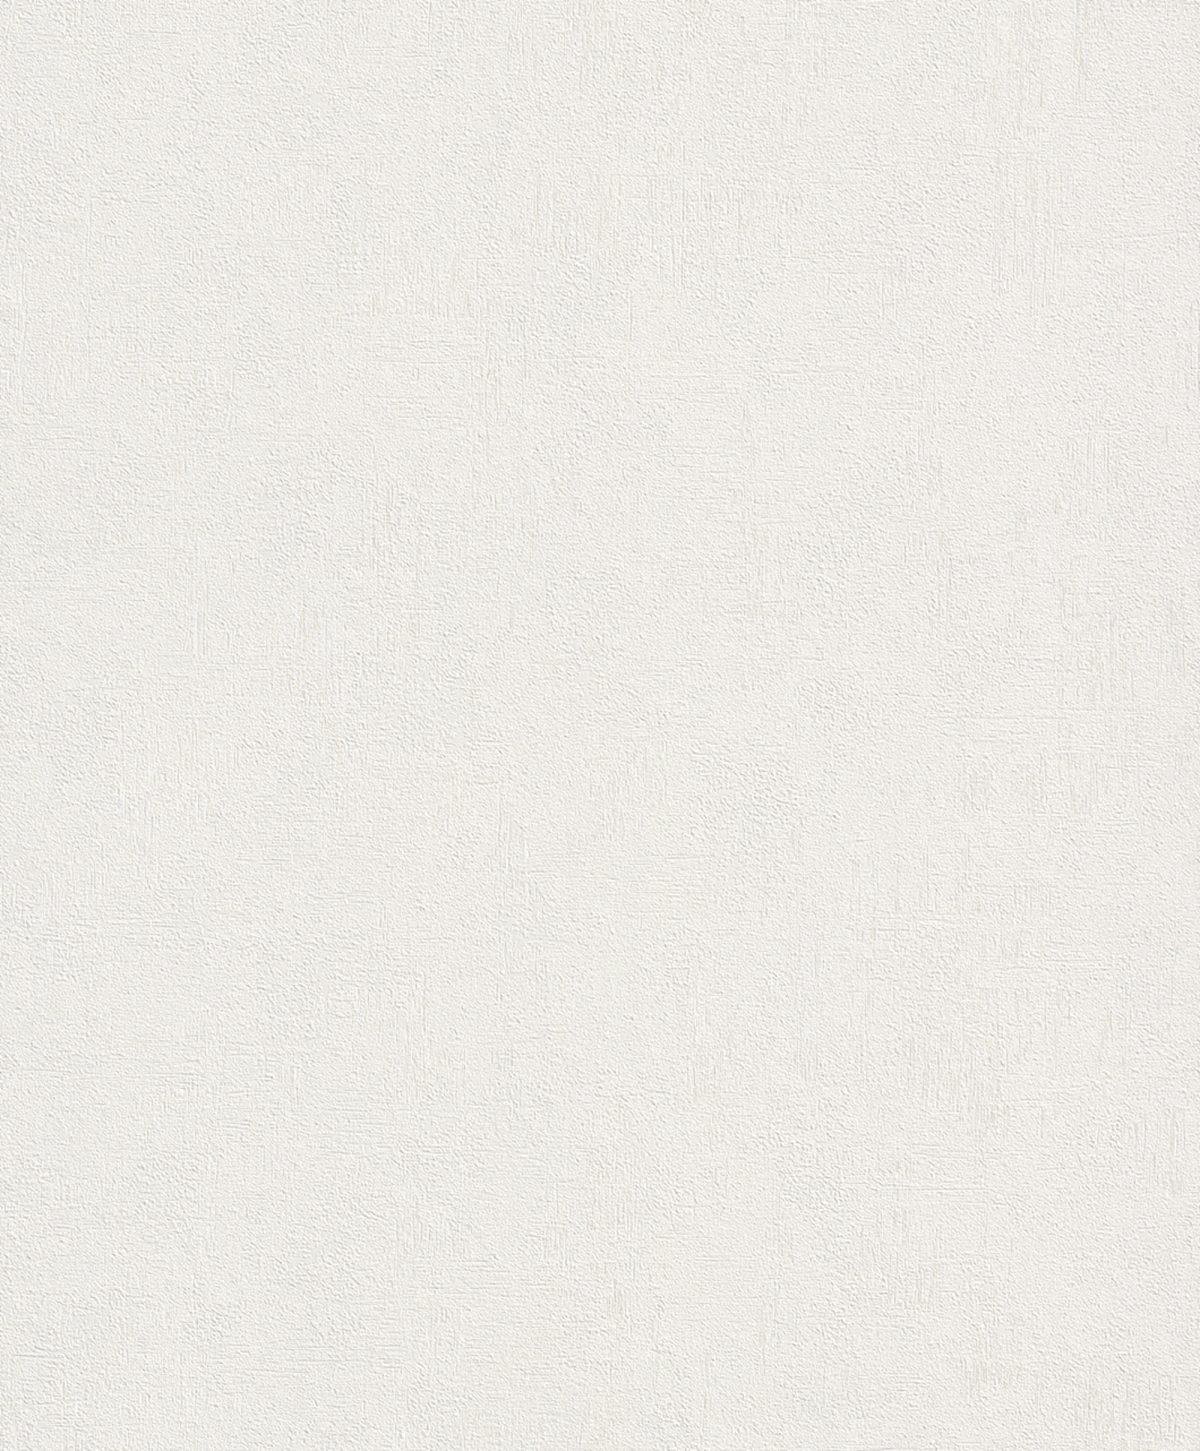 Papel mural gris claro HYDE PARK 489804 RASCH